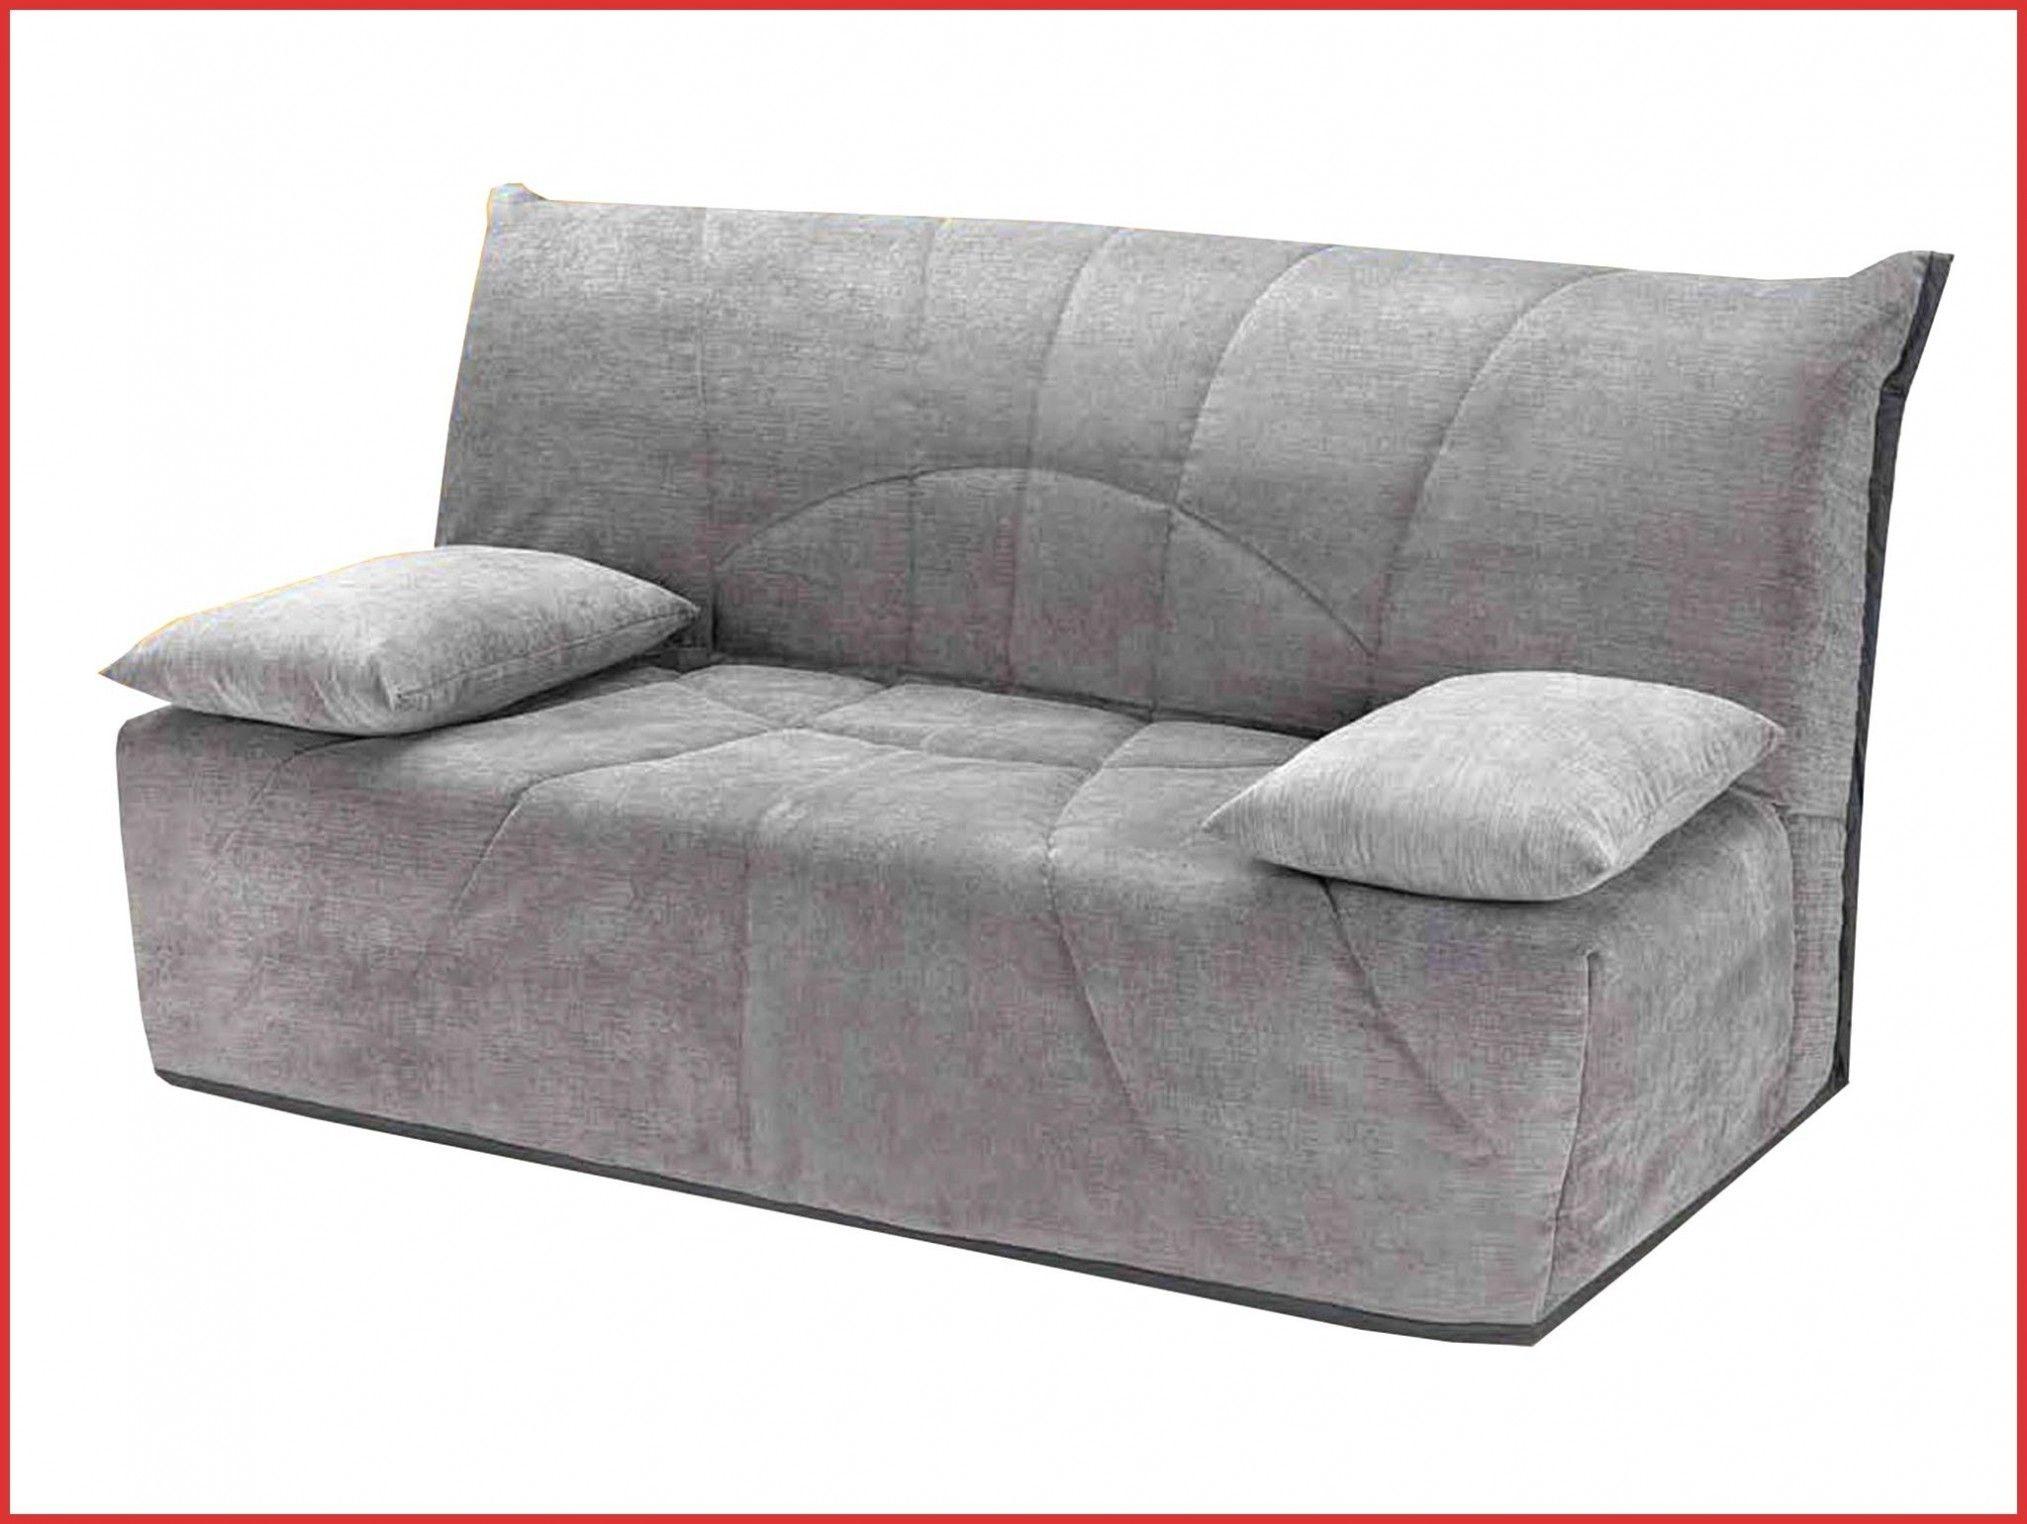 Lit Superposé Moderne Nouveau Captivant Canapé Lit Moderne Dans Lit Biné Armoire Fresh Lit